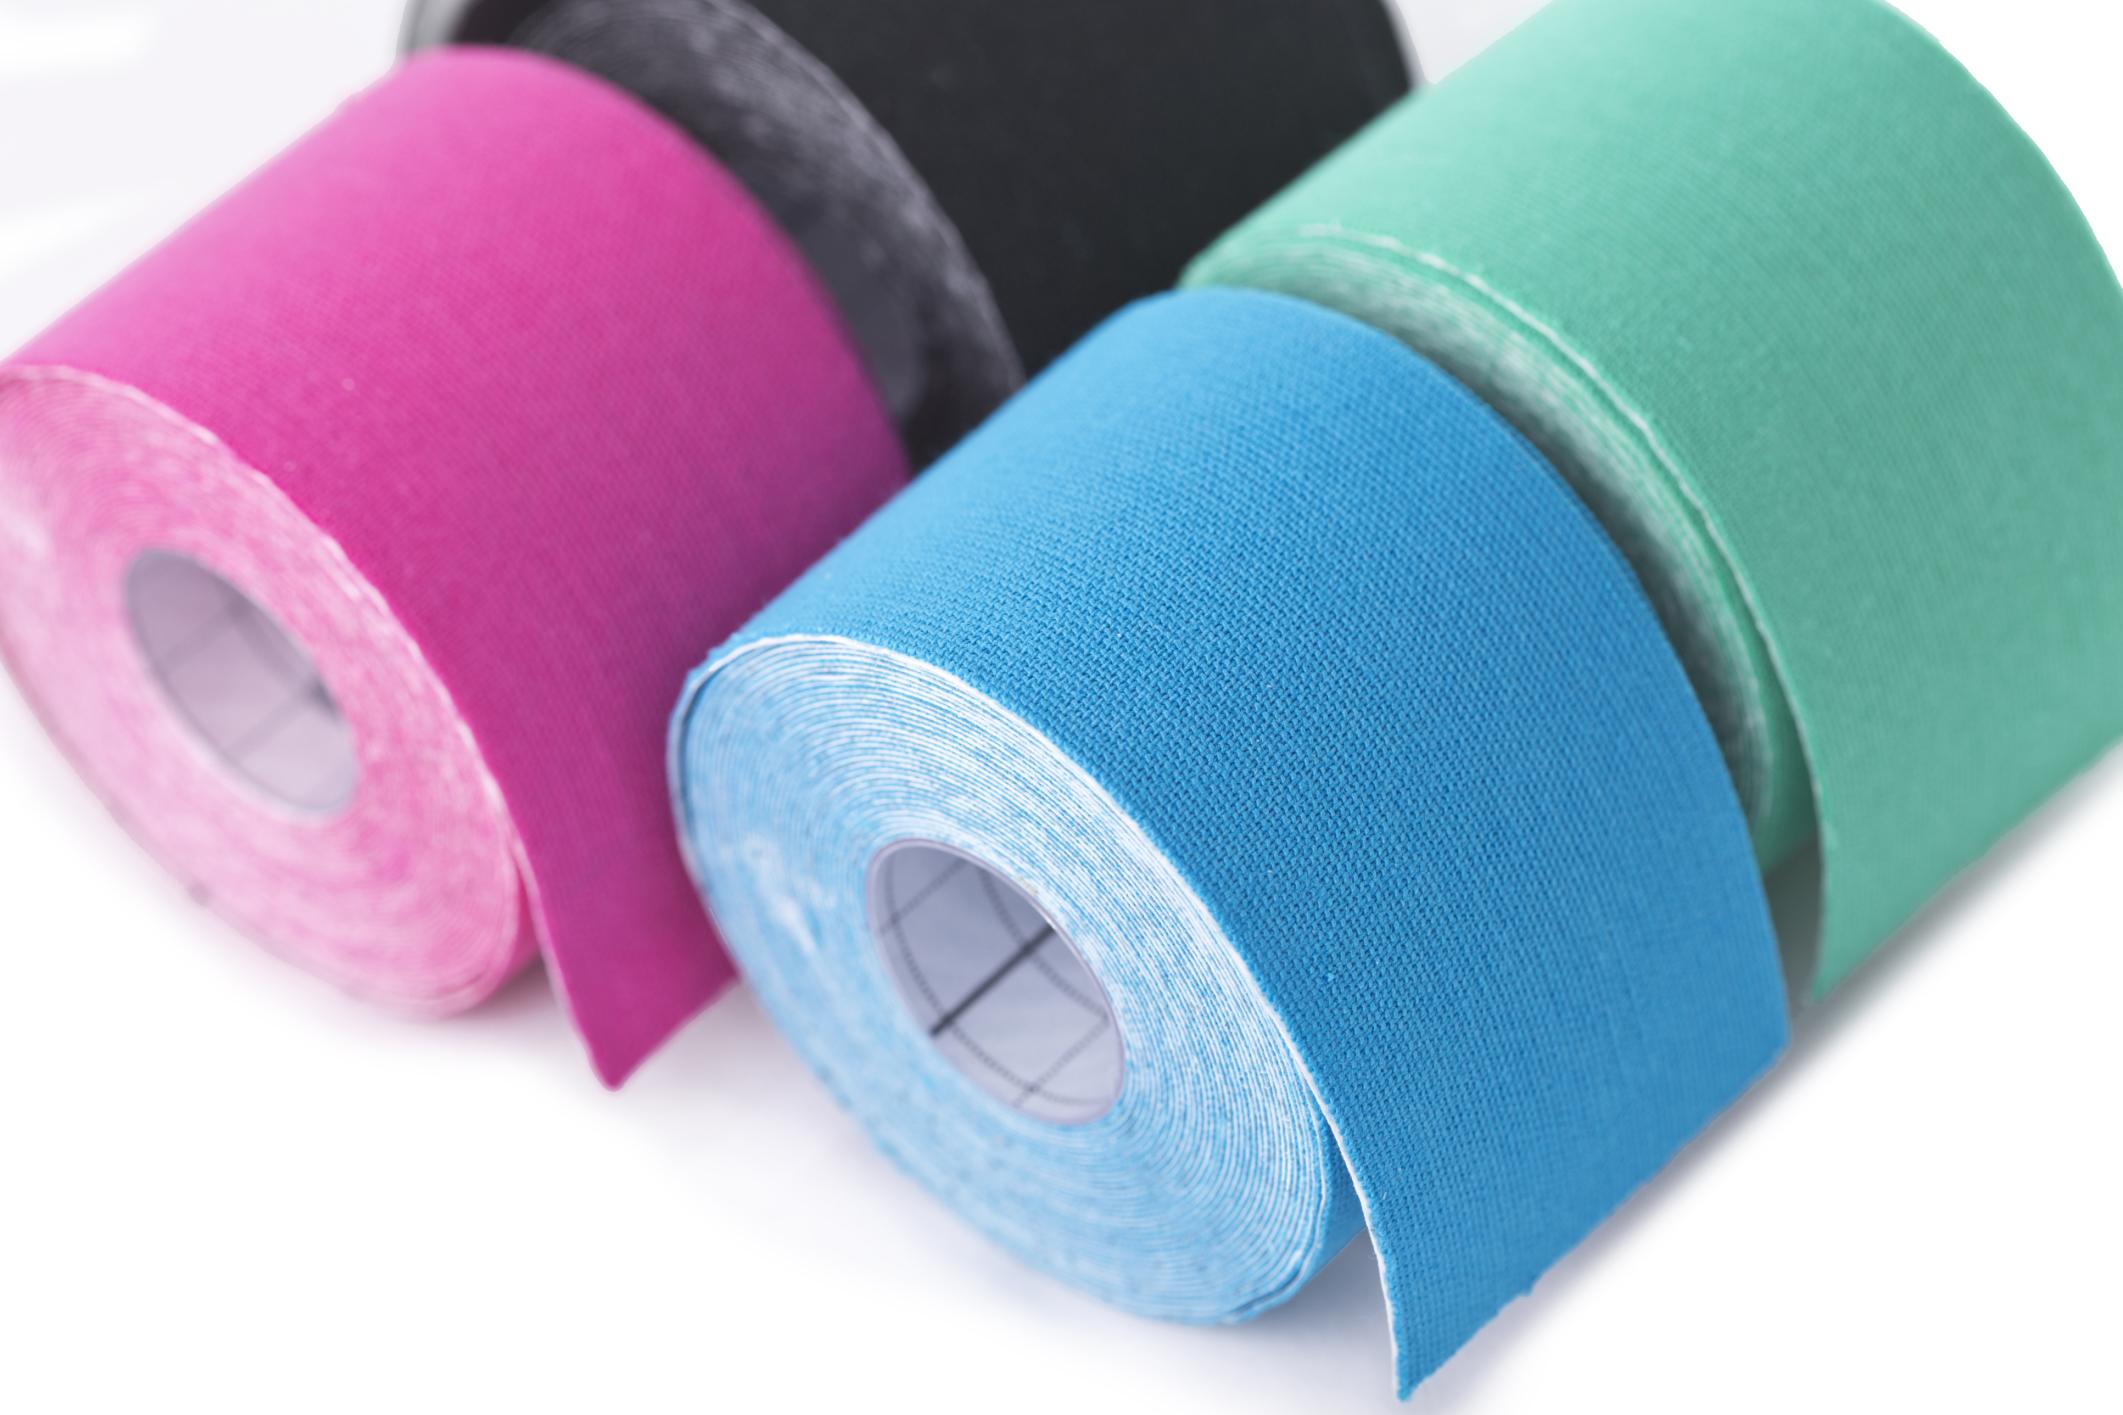 pressure mats g available widths mat sensitive gopher tape sport in supplies